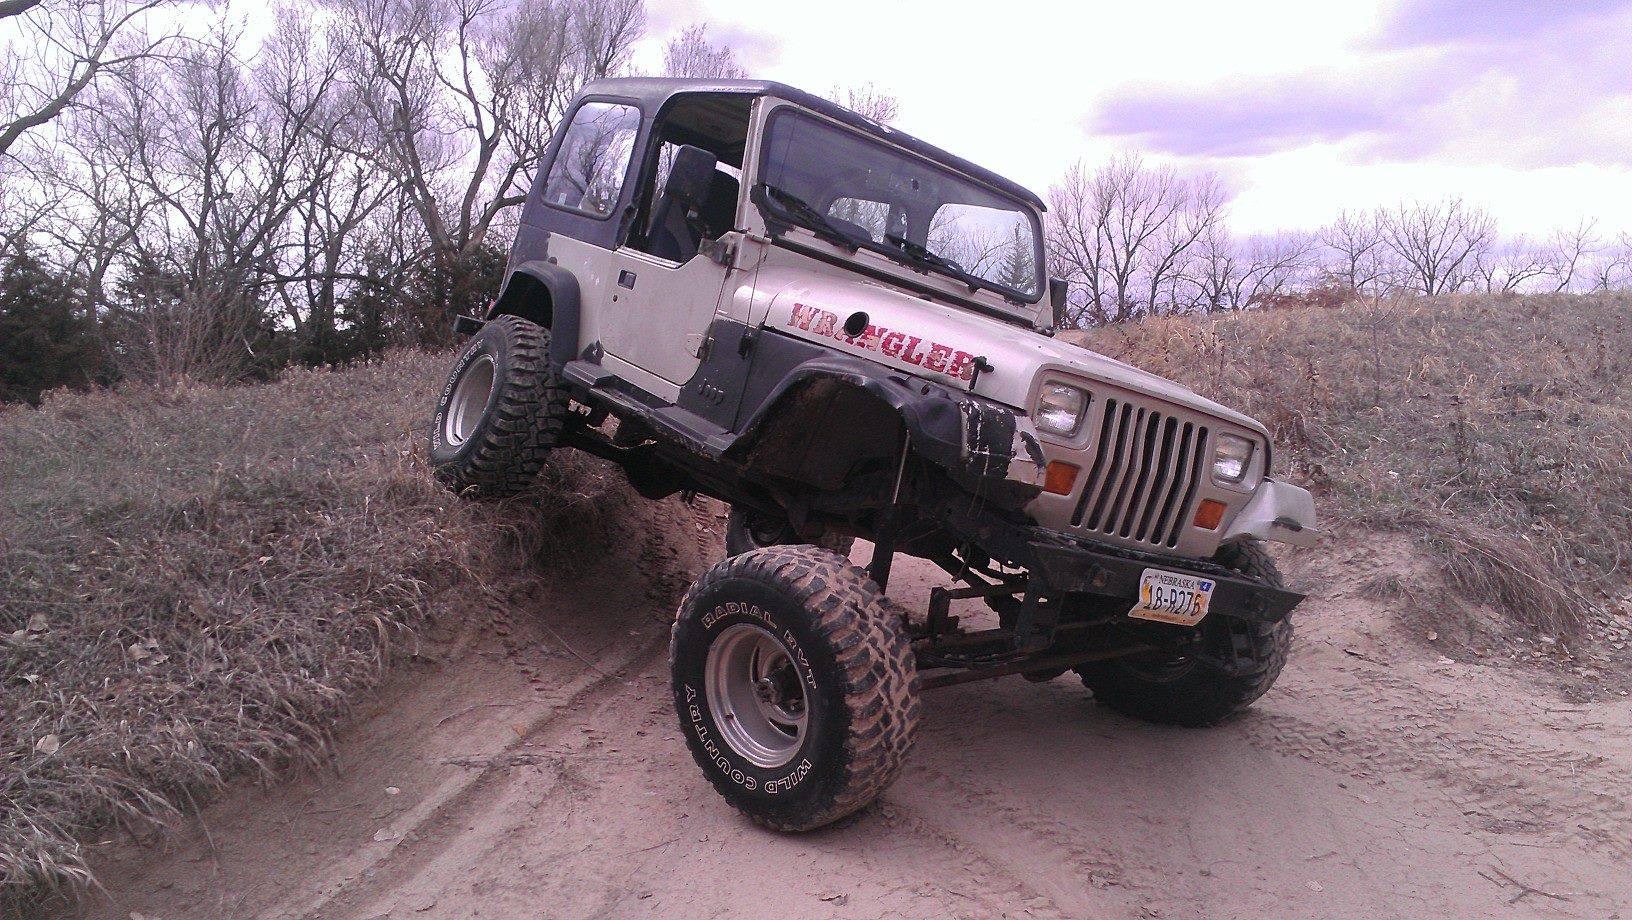 From Justin Cochrane: Flexin in the jeep, in Nebraska